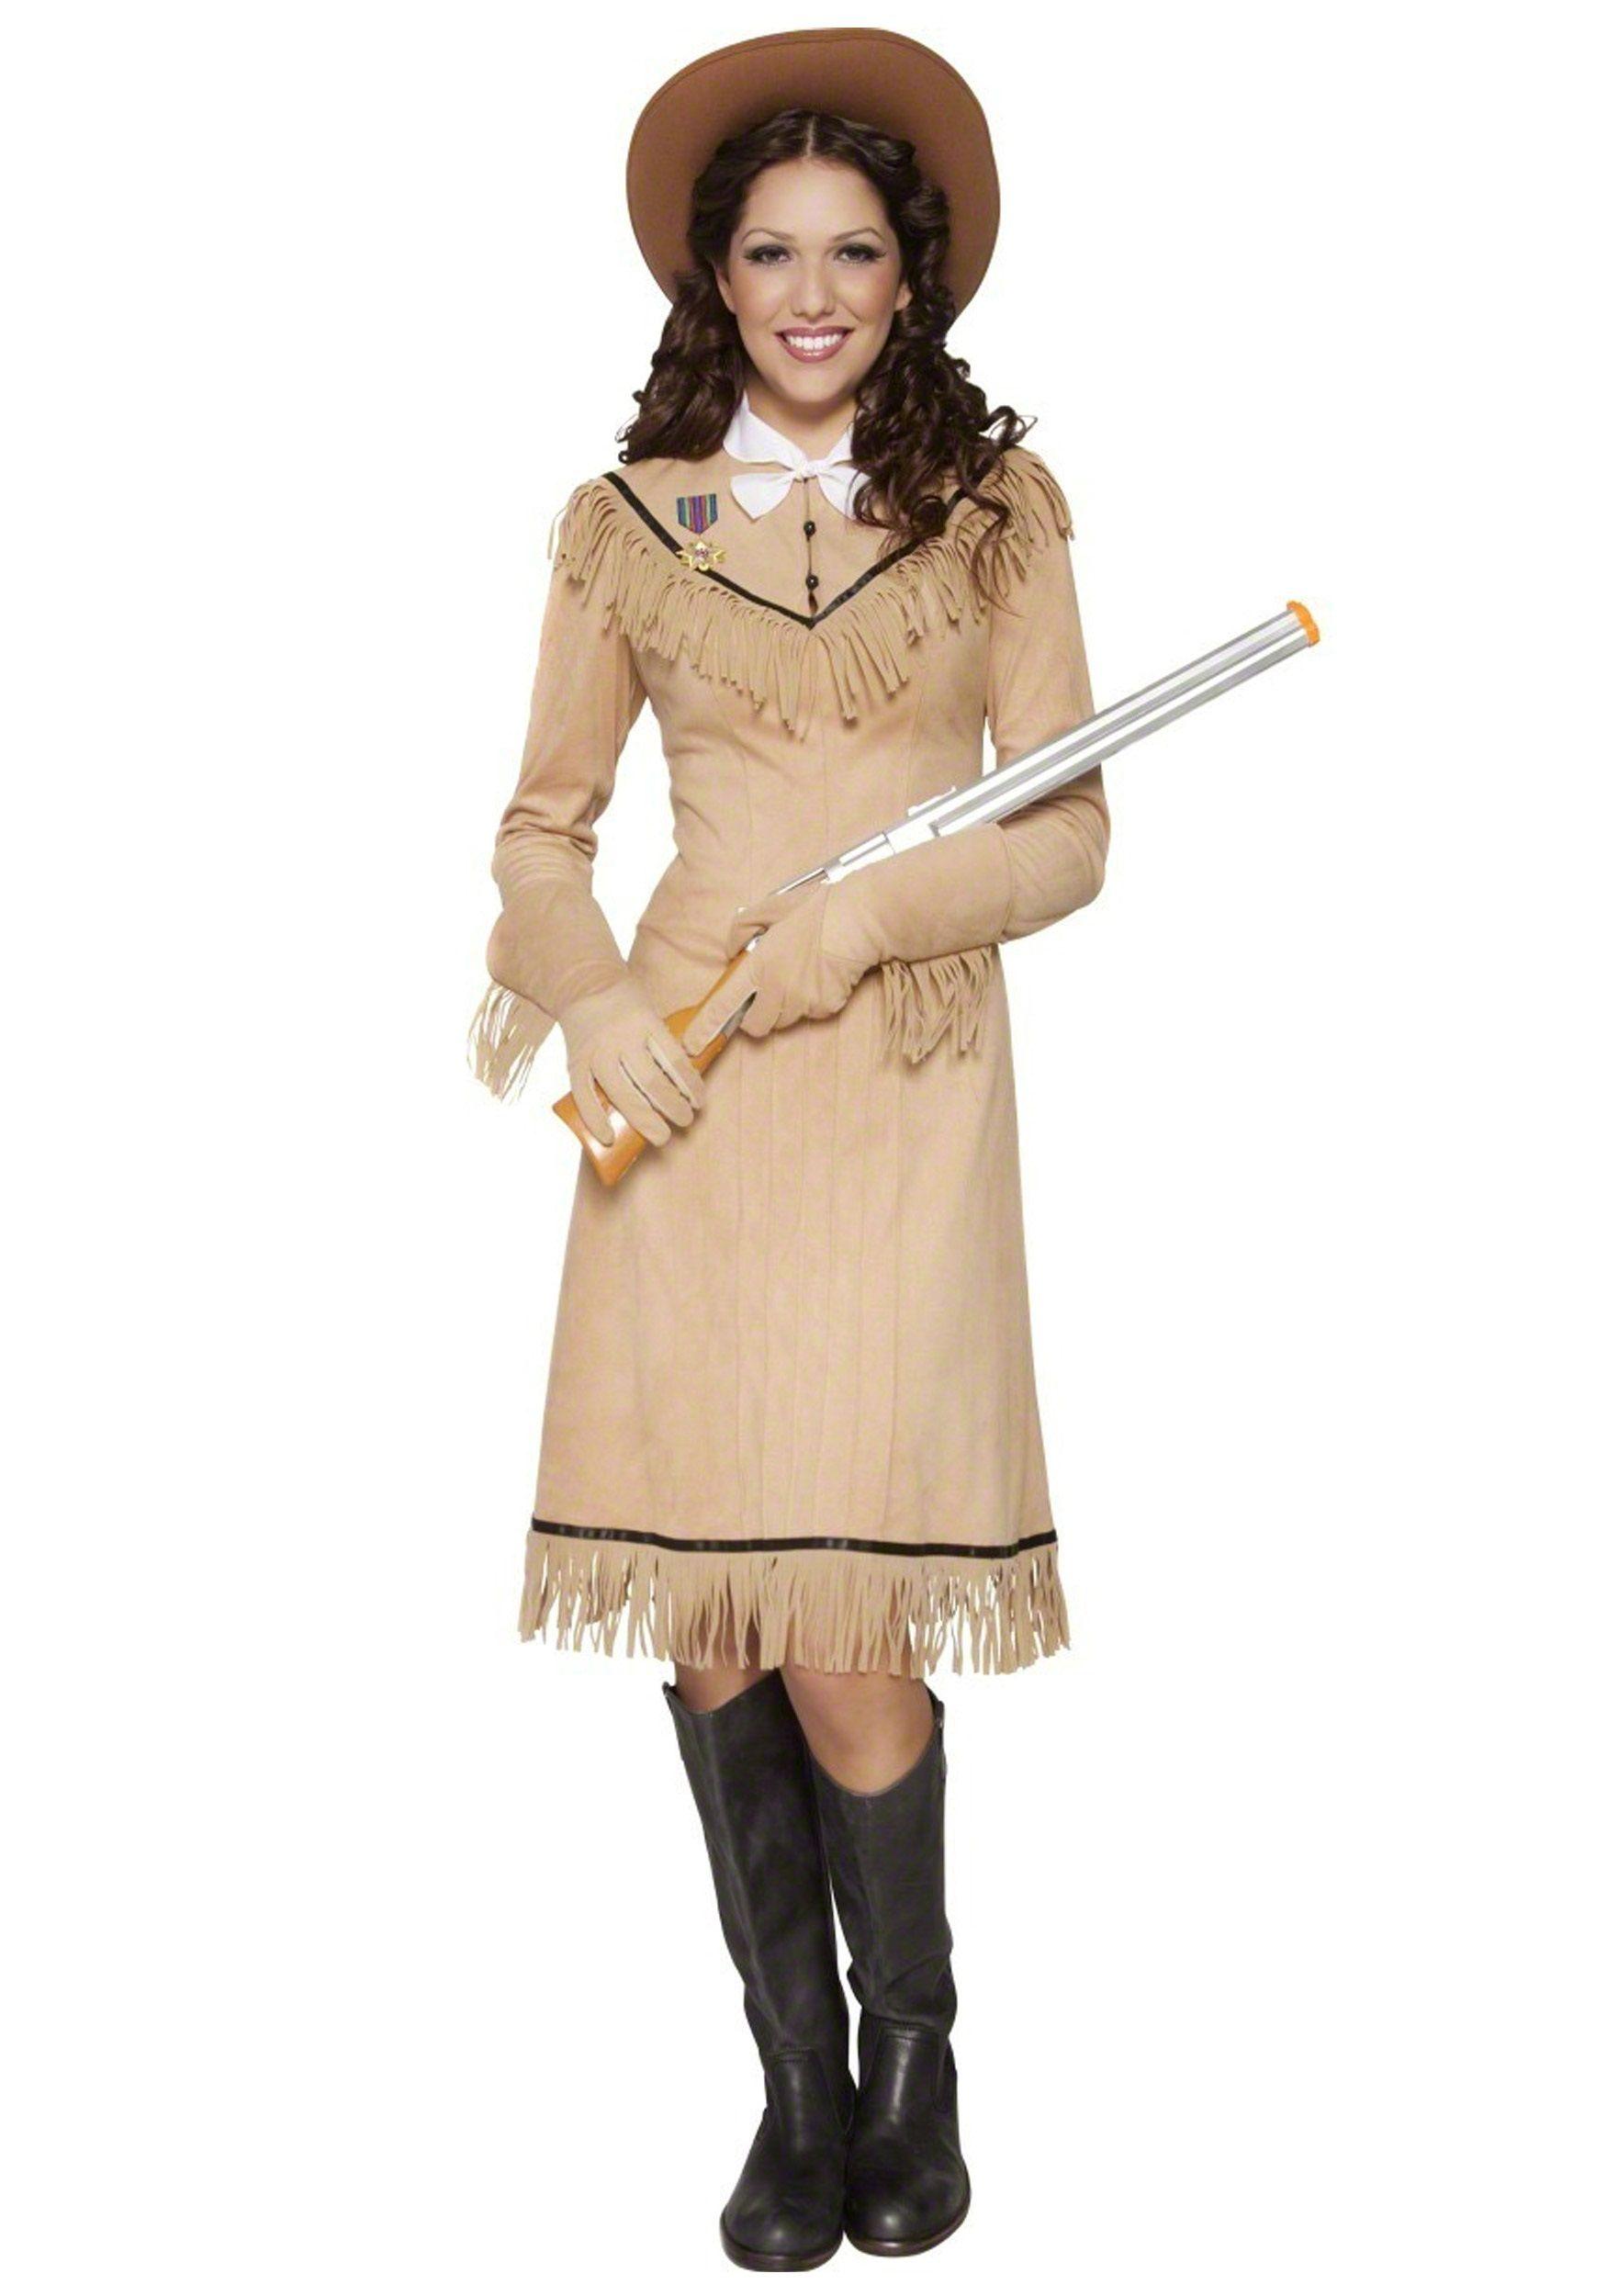 Citaten Annie Xl : Cowgirl annie oakley girls xl costume halloween dress